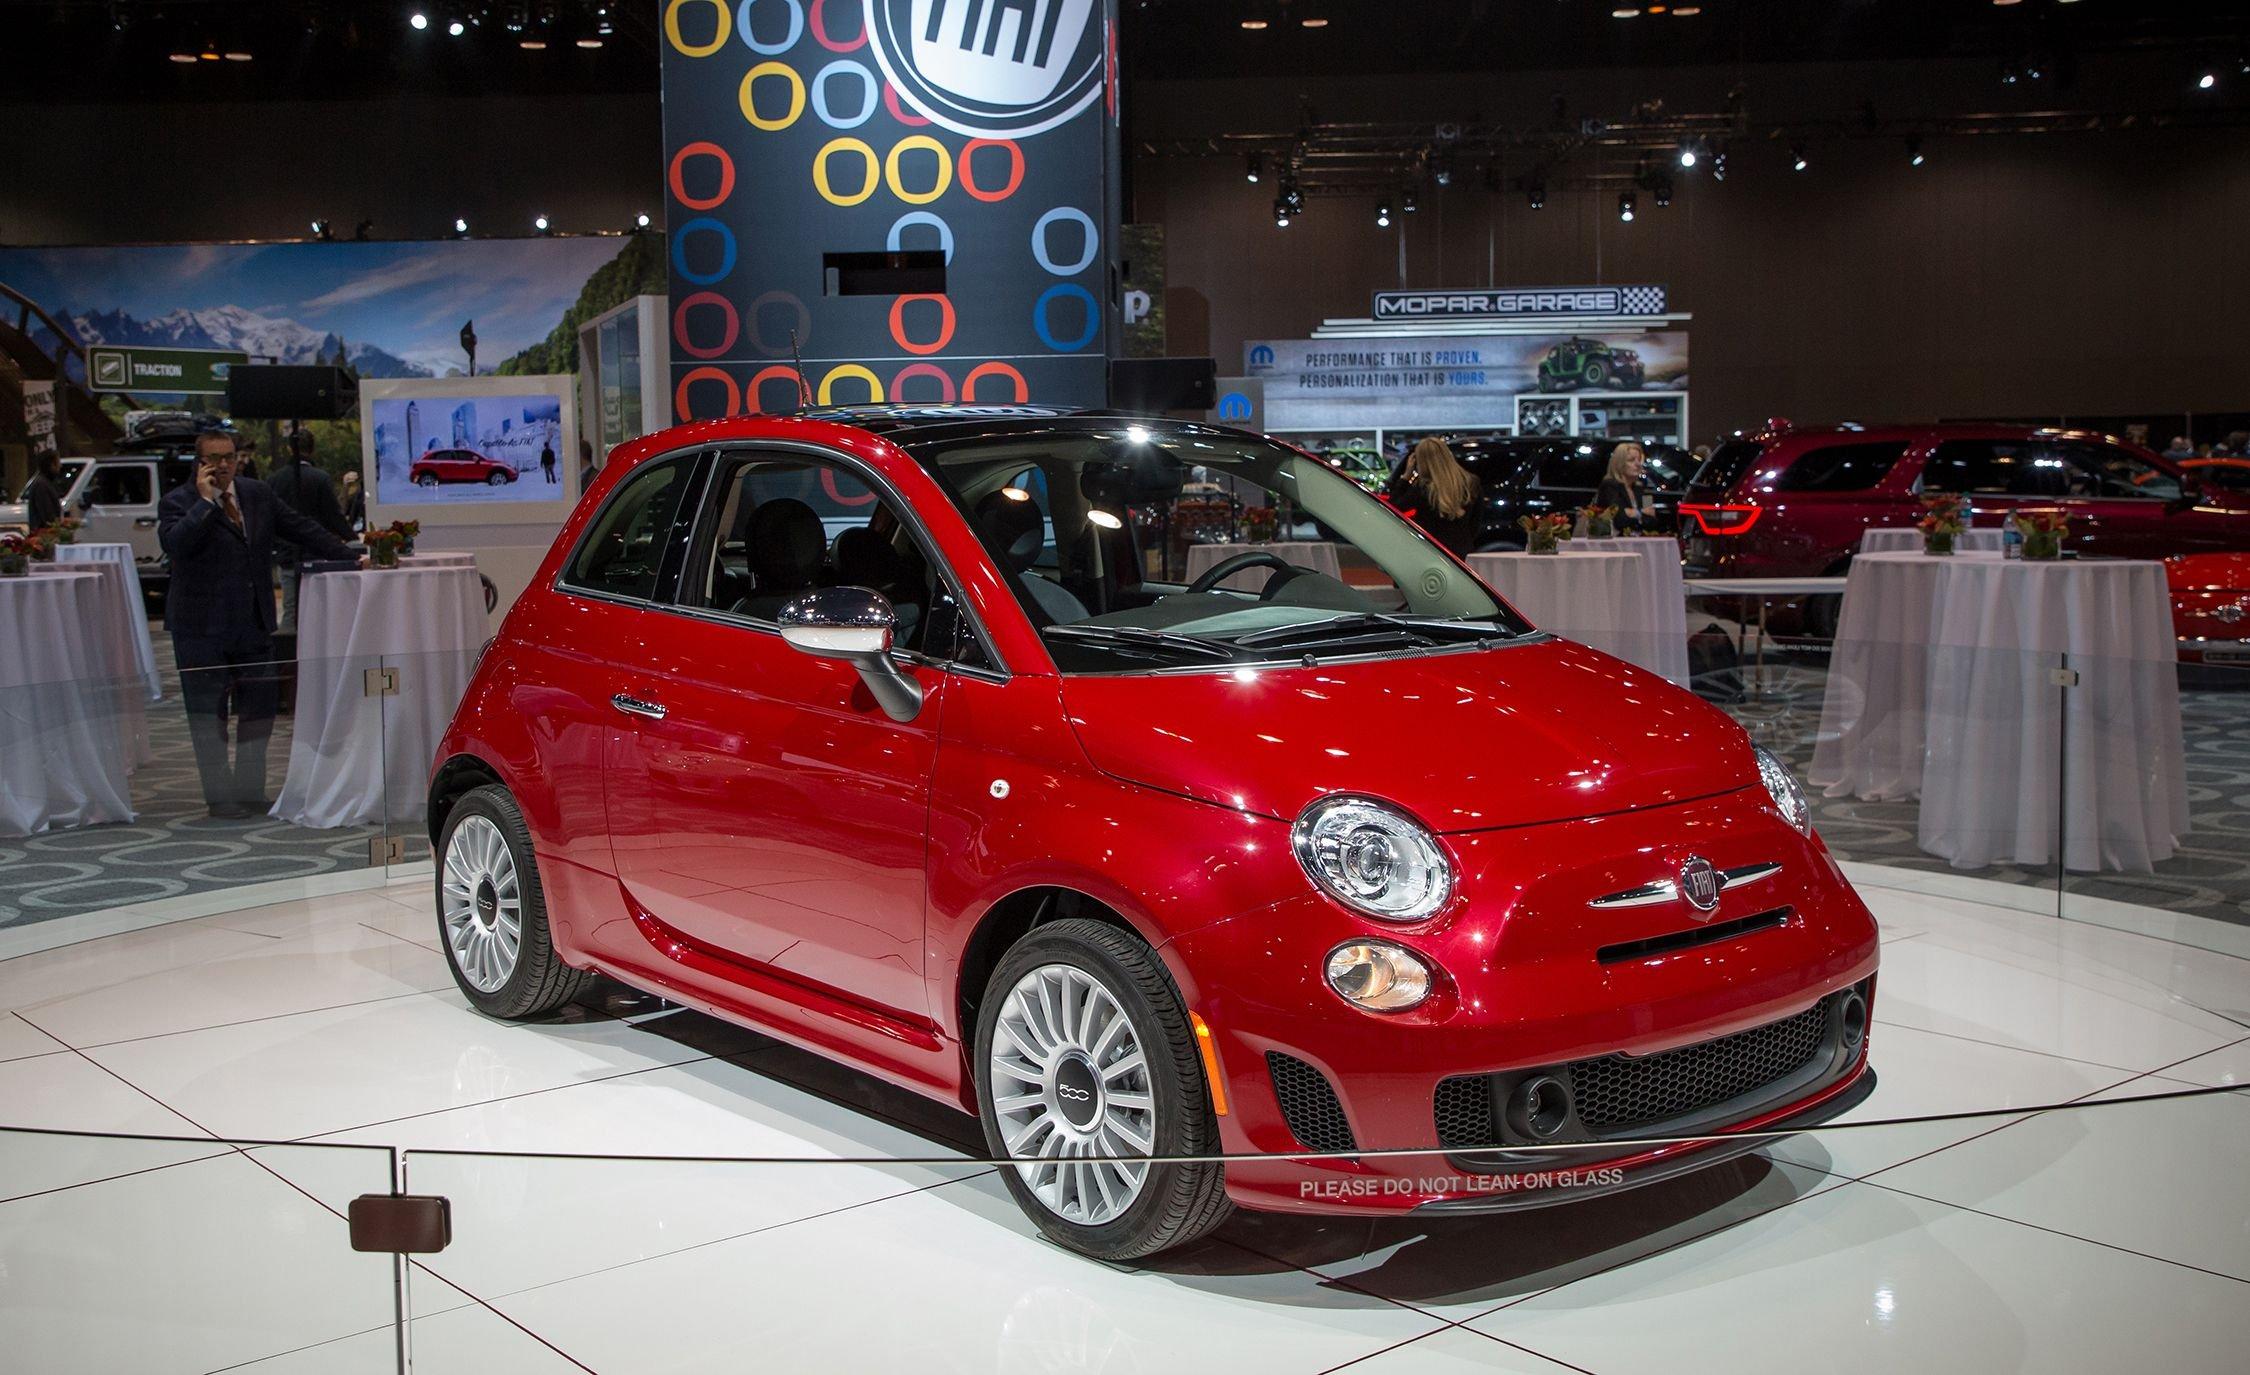 Chrysler готовят к ликвидации: итог узнаем завтра - автоновости - Авто Mail.Ru